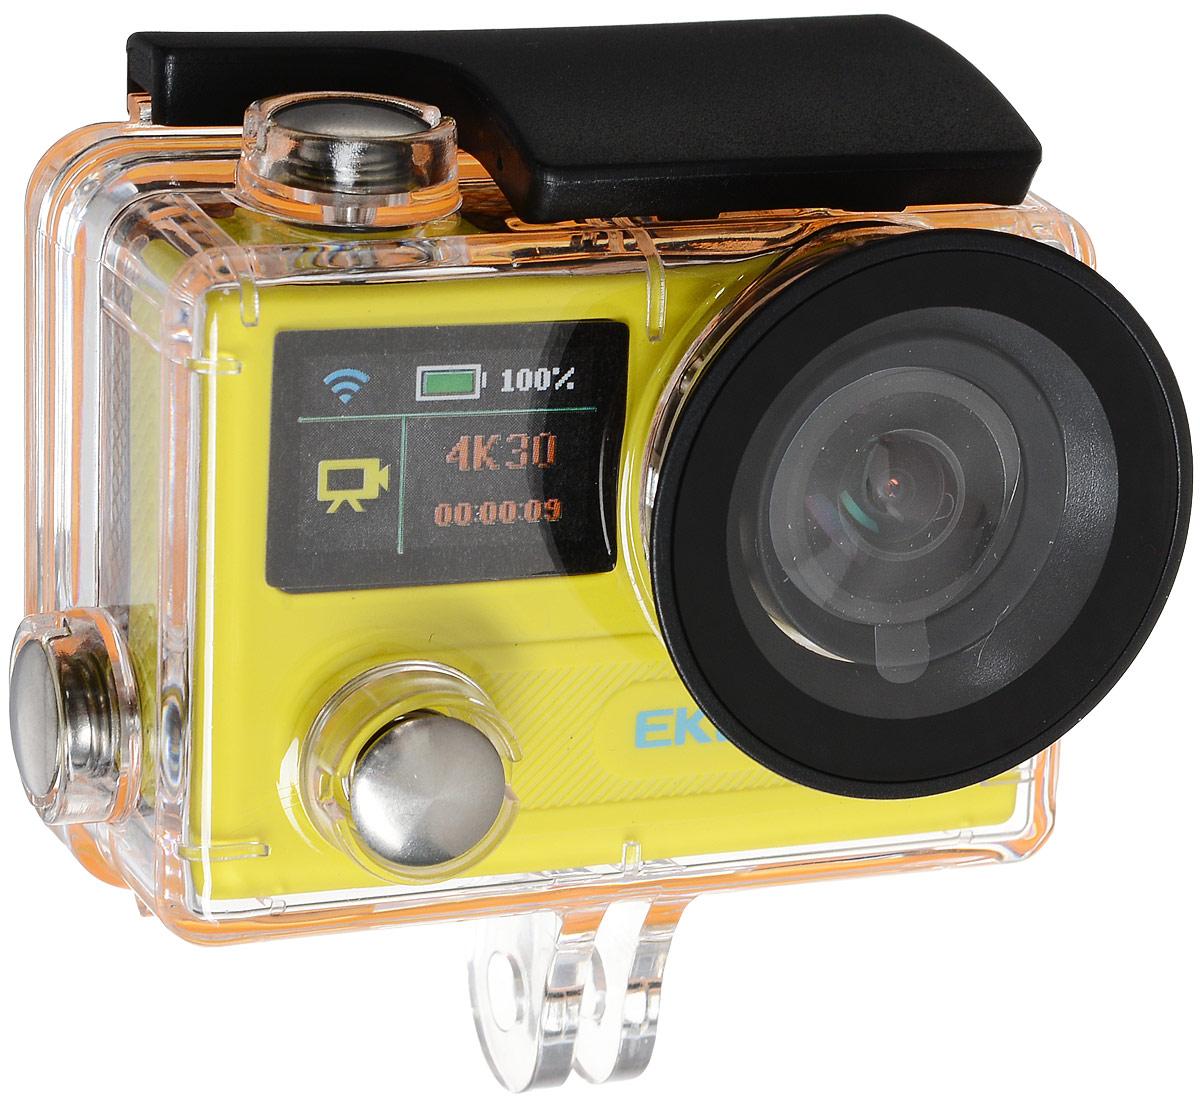 Eken H8 Ultra HD, Yellow экшн-камераH8 YELLOWЭкшн-камера Eken H8 Ultra HD позволяет записывать видео с разрешением 4К и очень плавным изображением до 30 кадров в секунду. Камера имеет два дисплея: 2 TFT LCD основной экран и 0.95 OLED экран статуса (уровень заряда батареи, подключение к WiFi, режим съемки и длительность записи). Эта модель сделана для любителей спорта на улице, подводного плавания, скейтбординга, скай-дайвинга, скалолазания, бега или охоты. Снимайте с руки, на велосипеде, в машине и где угодно. По сравнению с предыдущими версиями, в Eken H8 Ultra HD вы найдете уменьшенные размеры корпуса, увеличенный до 2-х дюймов экран, невероятную оптику и фантастическое разрешение изображения при съемке 30 кадров в секунду!Управляйте вашей H8 на своем смартфоне или планшете. Приложение Ez iCam App позволяет работать с браузером и наблюдать все то, что видит ваша камера.